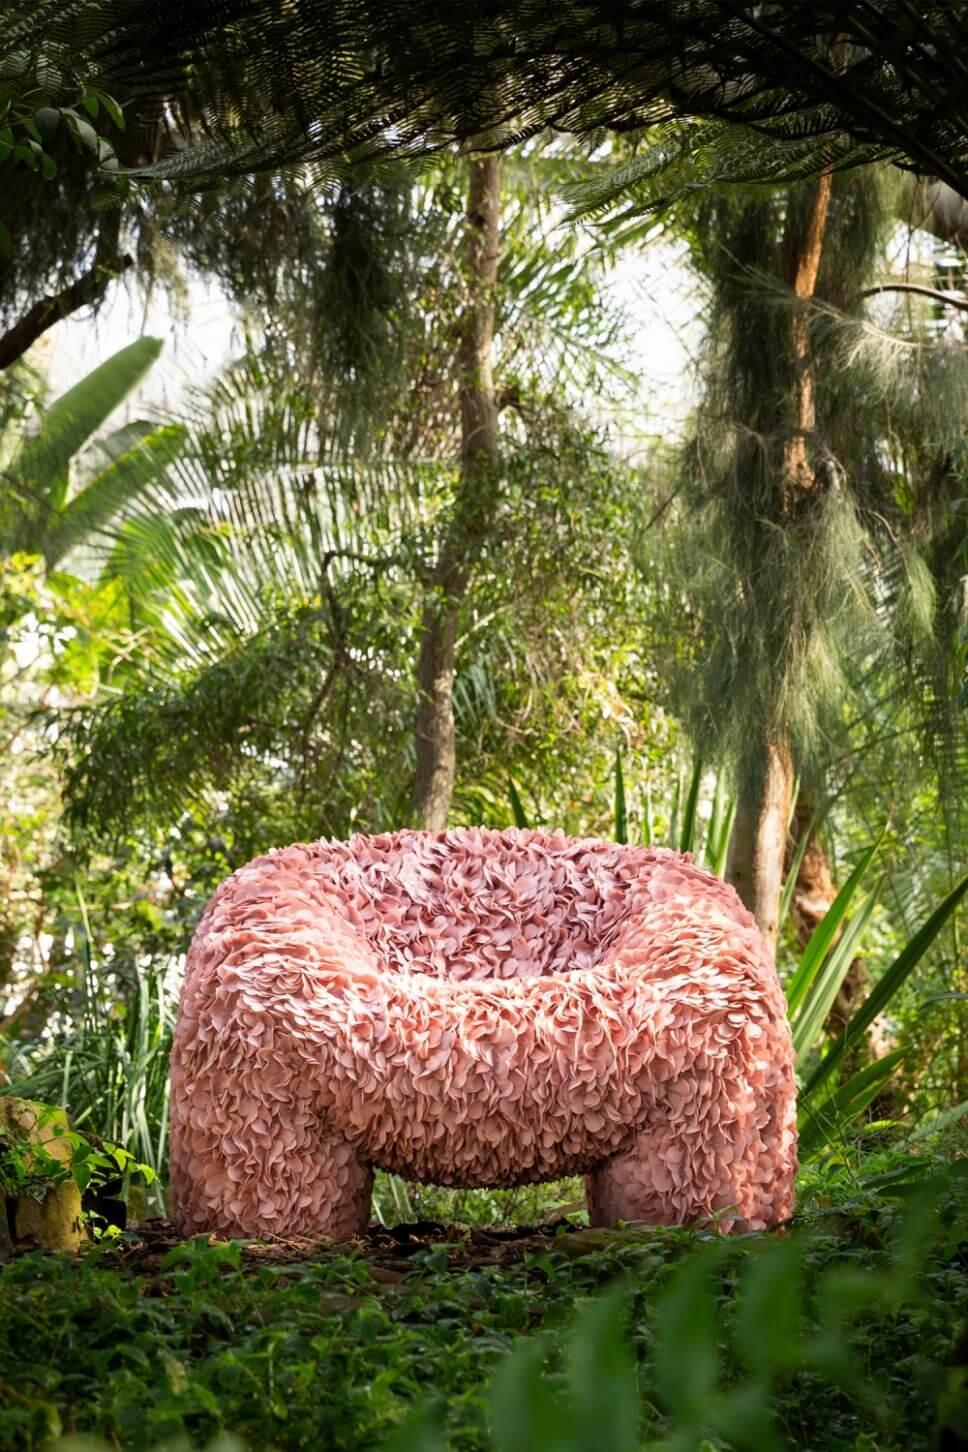 Mit Stoffblüten überzogener Sessel in exotischem Garten